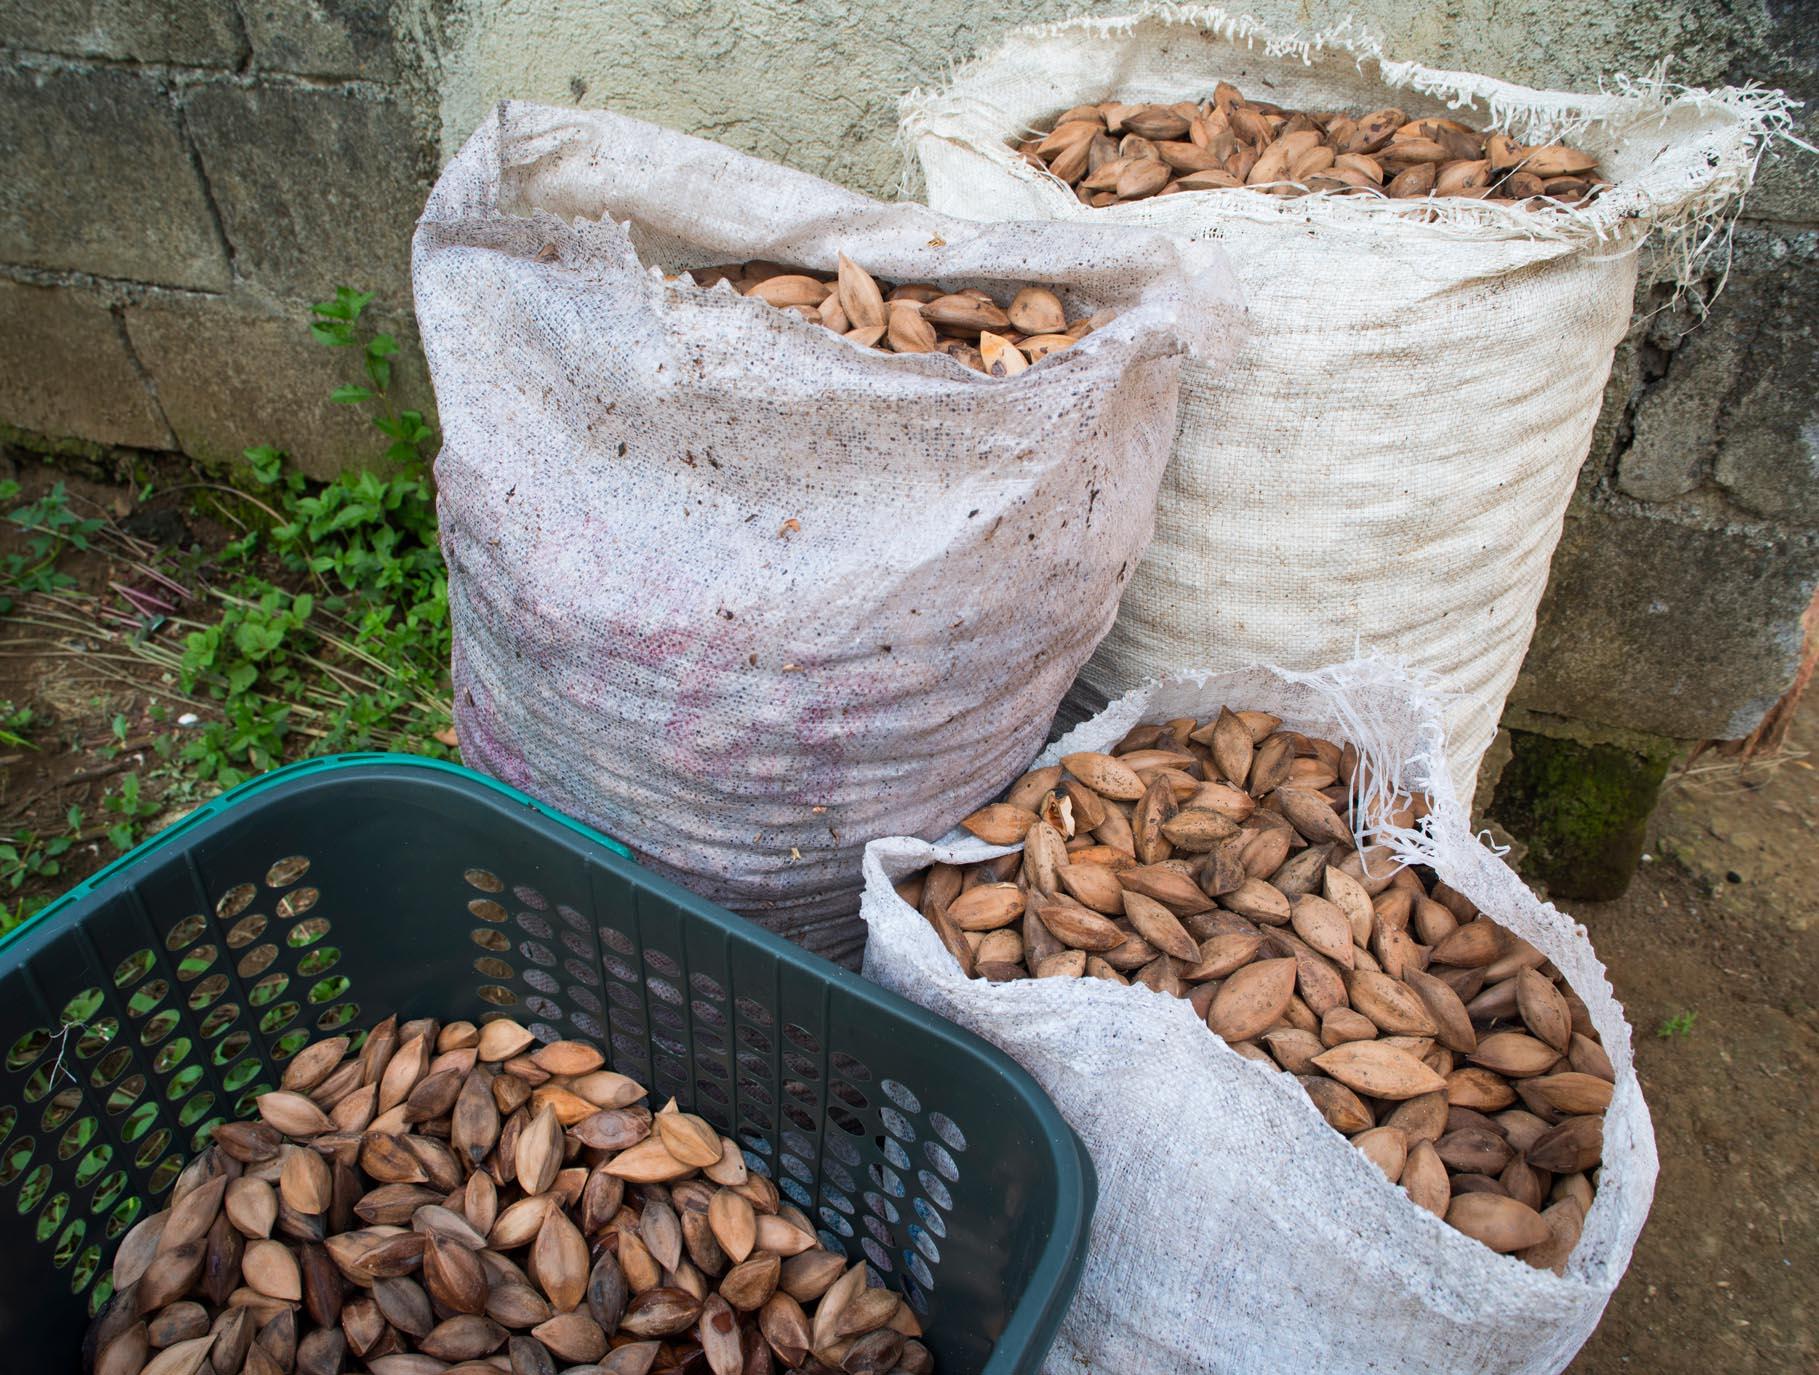 Mount Mayon Organic Pili Nuts in bags///Noix de pili du Mont Mayon issues de l'agriculture biologique, ensachées